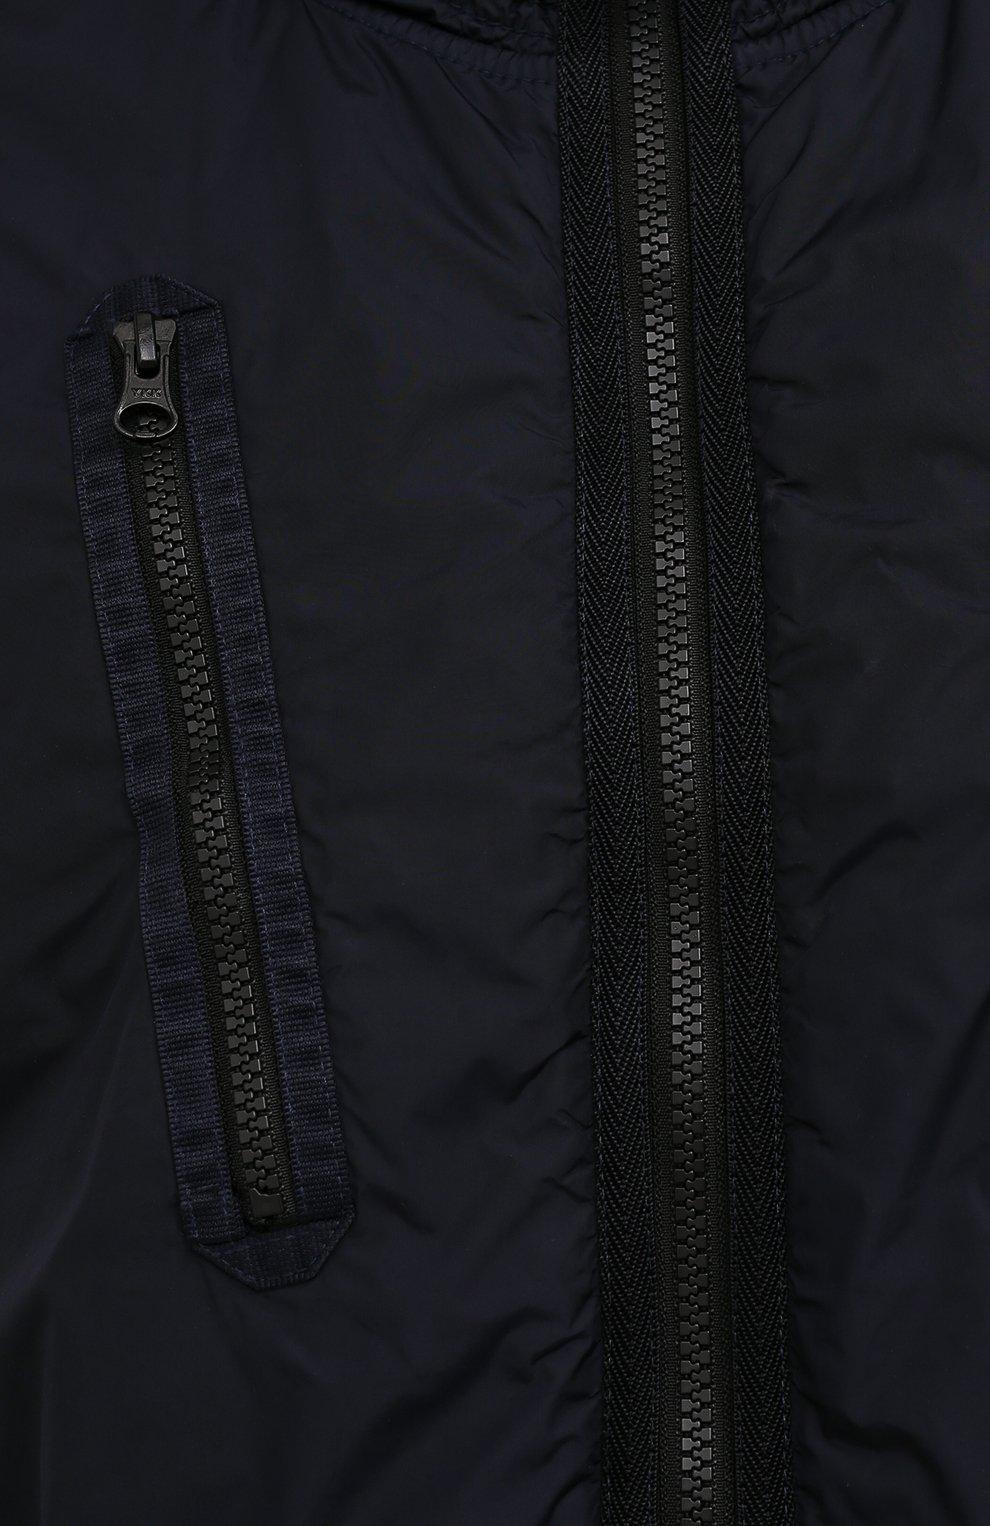 Мужской утепленный бомбер STONE ISLAND темно-синего цвета, арт. 751542223 | Фото 5 (Кросс-КТ: Куртка; Рукава: Длинные; Принт: Без принта; Материал внешний: Синтетический материал; Материал подклада: Синтетический материал; Длина (верхняя одежда): Короткие; Стили: Кэжуэл)